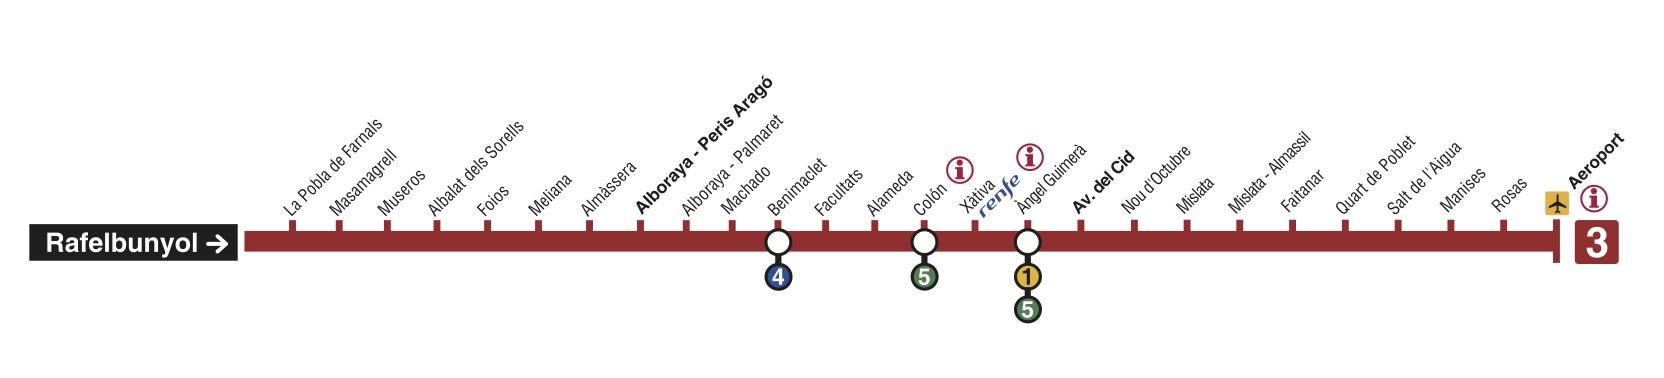 Recorrido esquemático, paradas y correspondencias Línea 3: Rafelbunyol - Aeroport